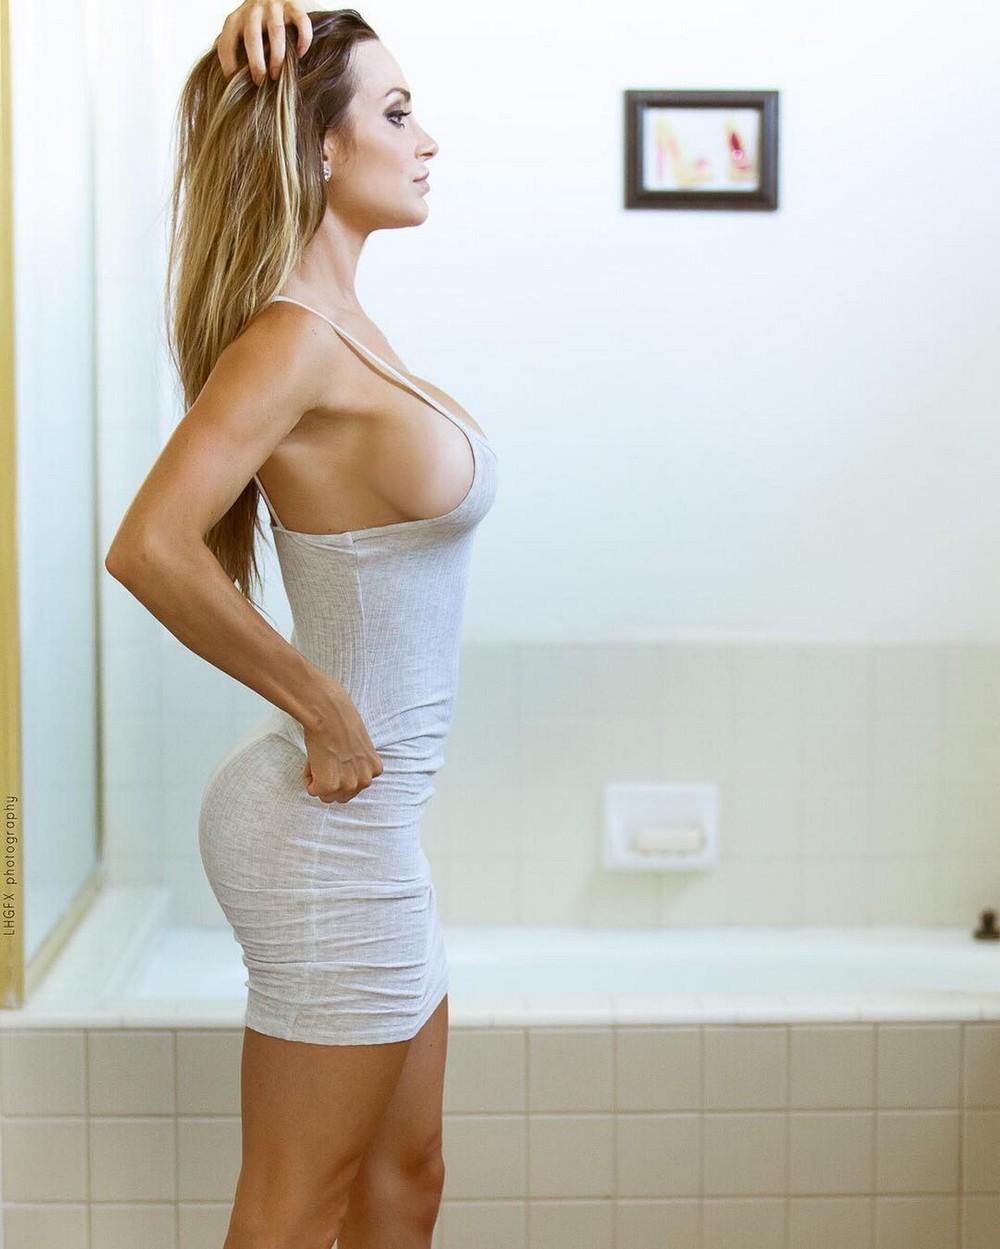 Супер девки одежда обтягивающие фото